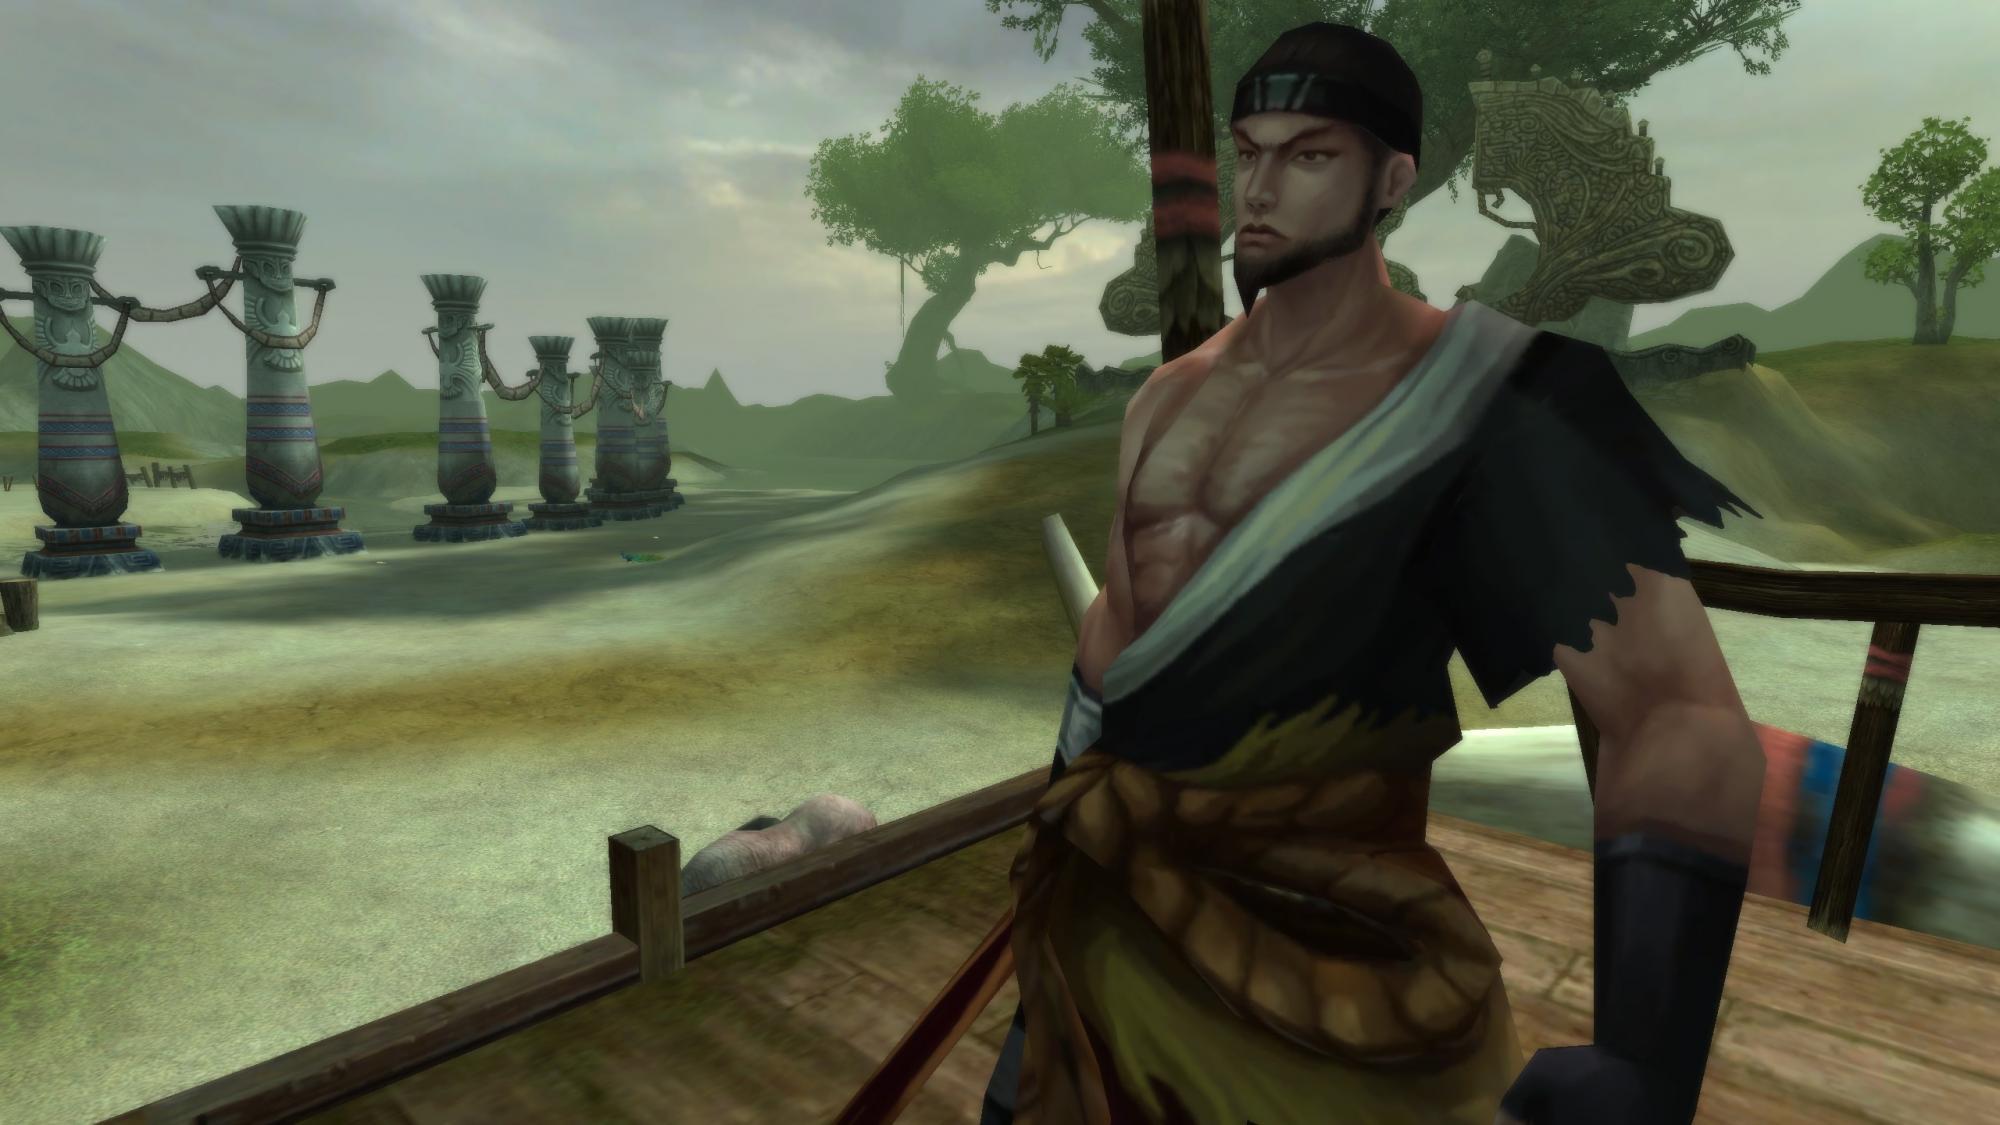 Klicke auf die Grafik für eine größere AnsichtName:Heroes of Three Kingdoms 5.jpgHits:27Größe:180,8 KBID:489